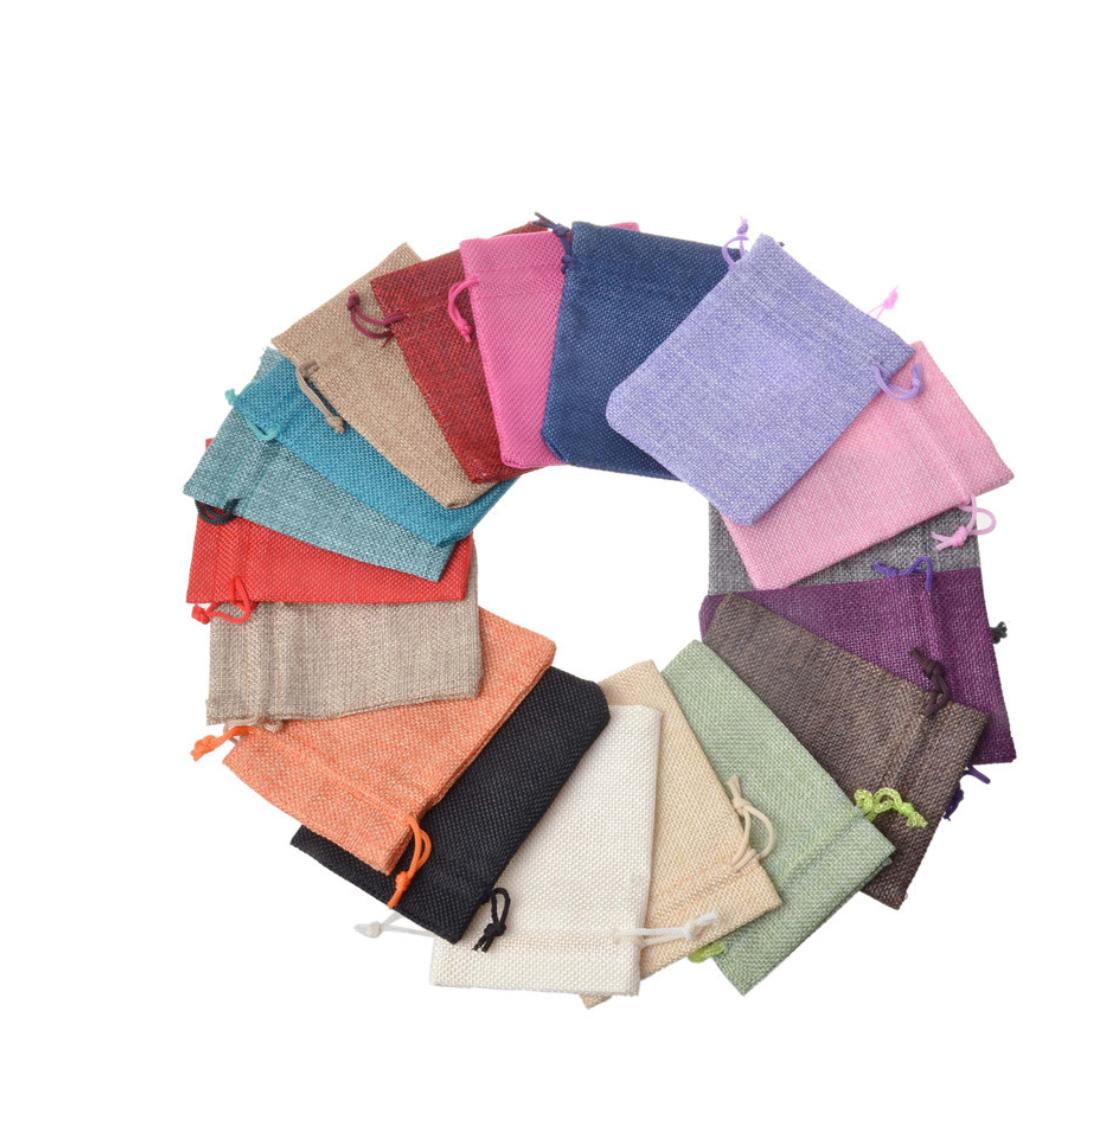 Heißer Verkauf Vintage Säcken Beutel Kordelzug Geschenk Taschen Logo Druck Schmuck Beutel für Valentinstag, Hochzeit Partei